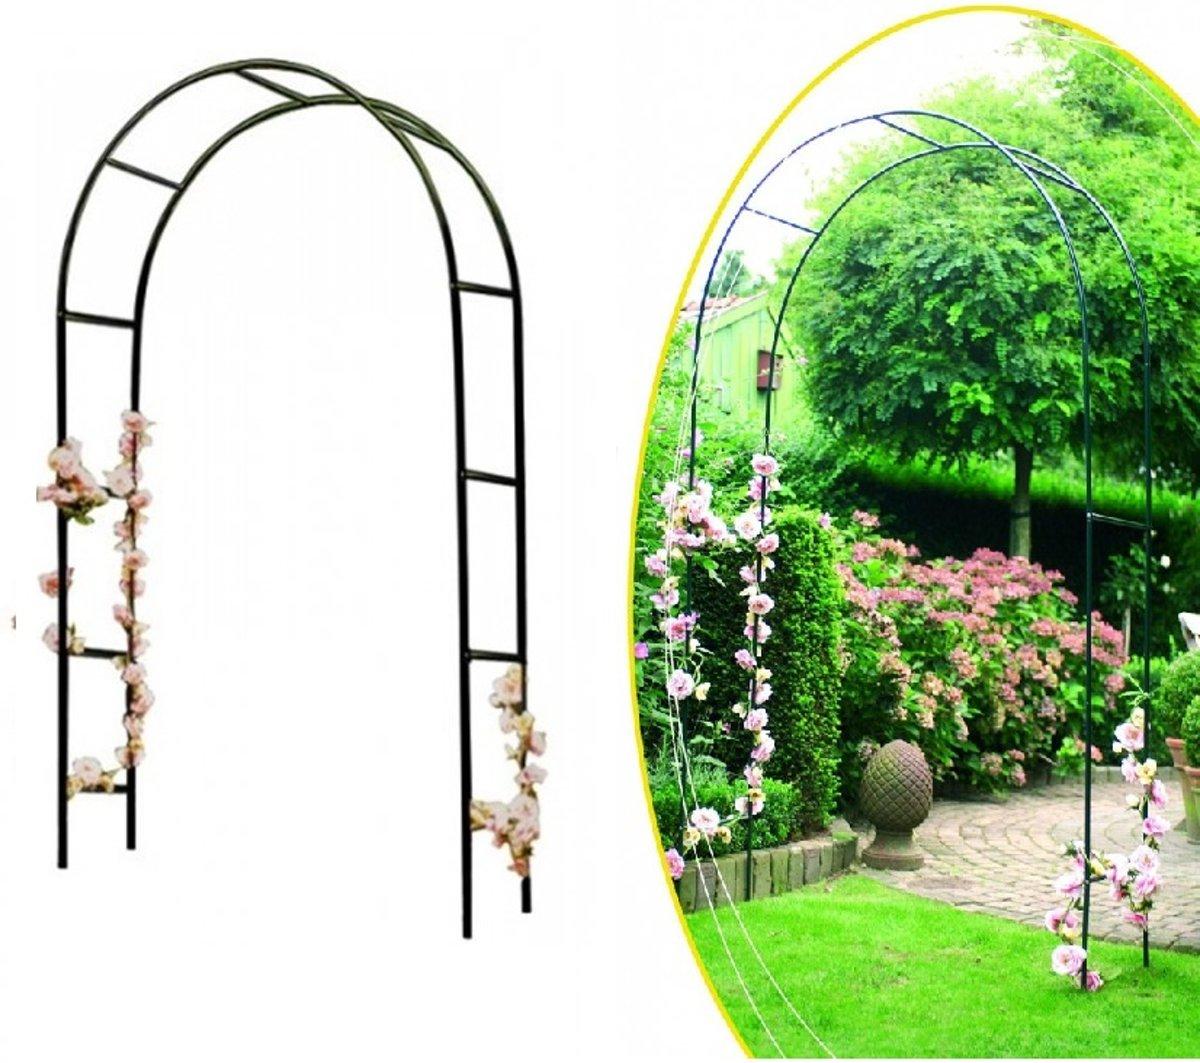 Tuin Pergola Bloemenboog - Tuinboog Klimplanten Paal - Plantensteun - Trouwboog - Staal 2.4x1.4m